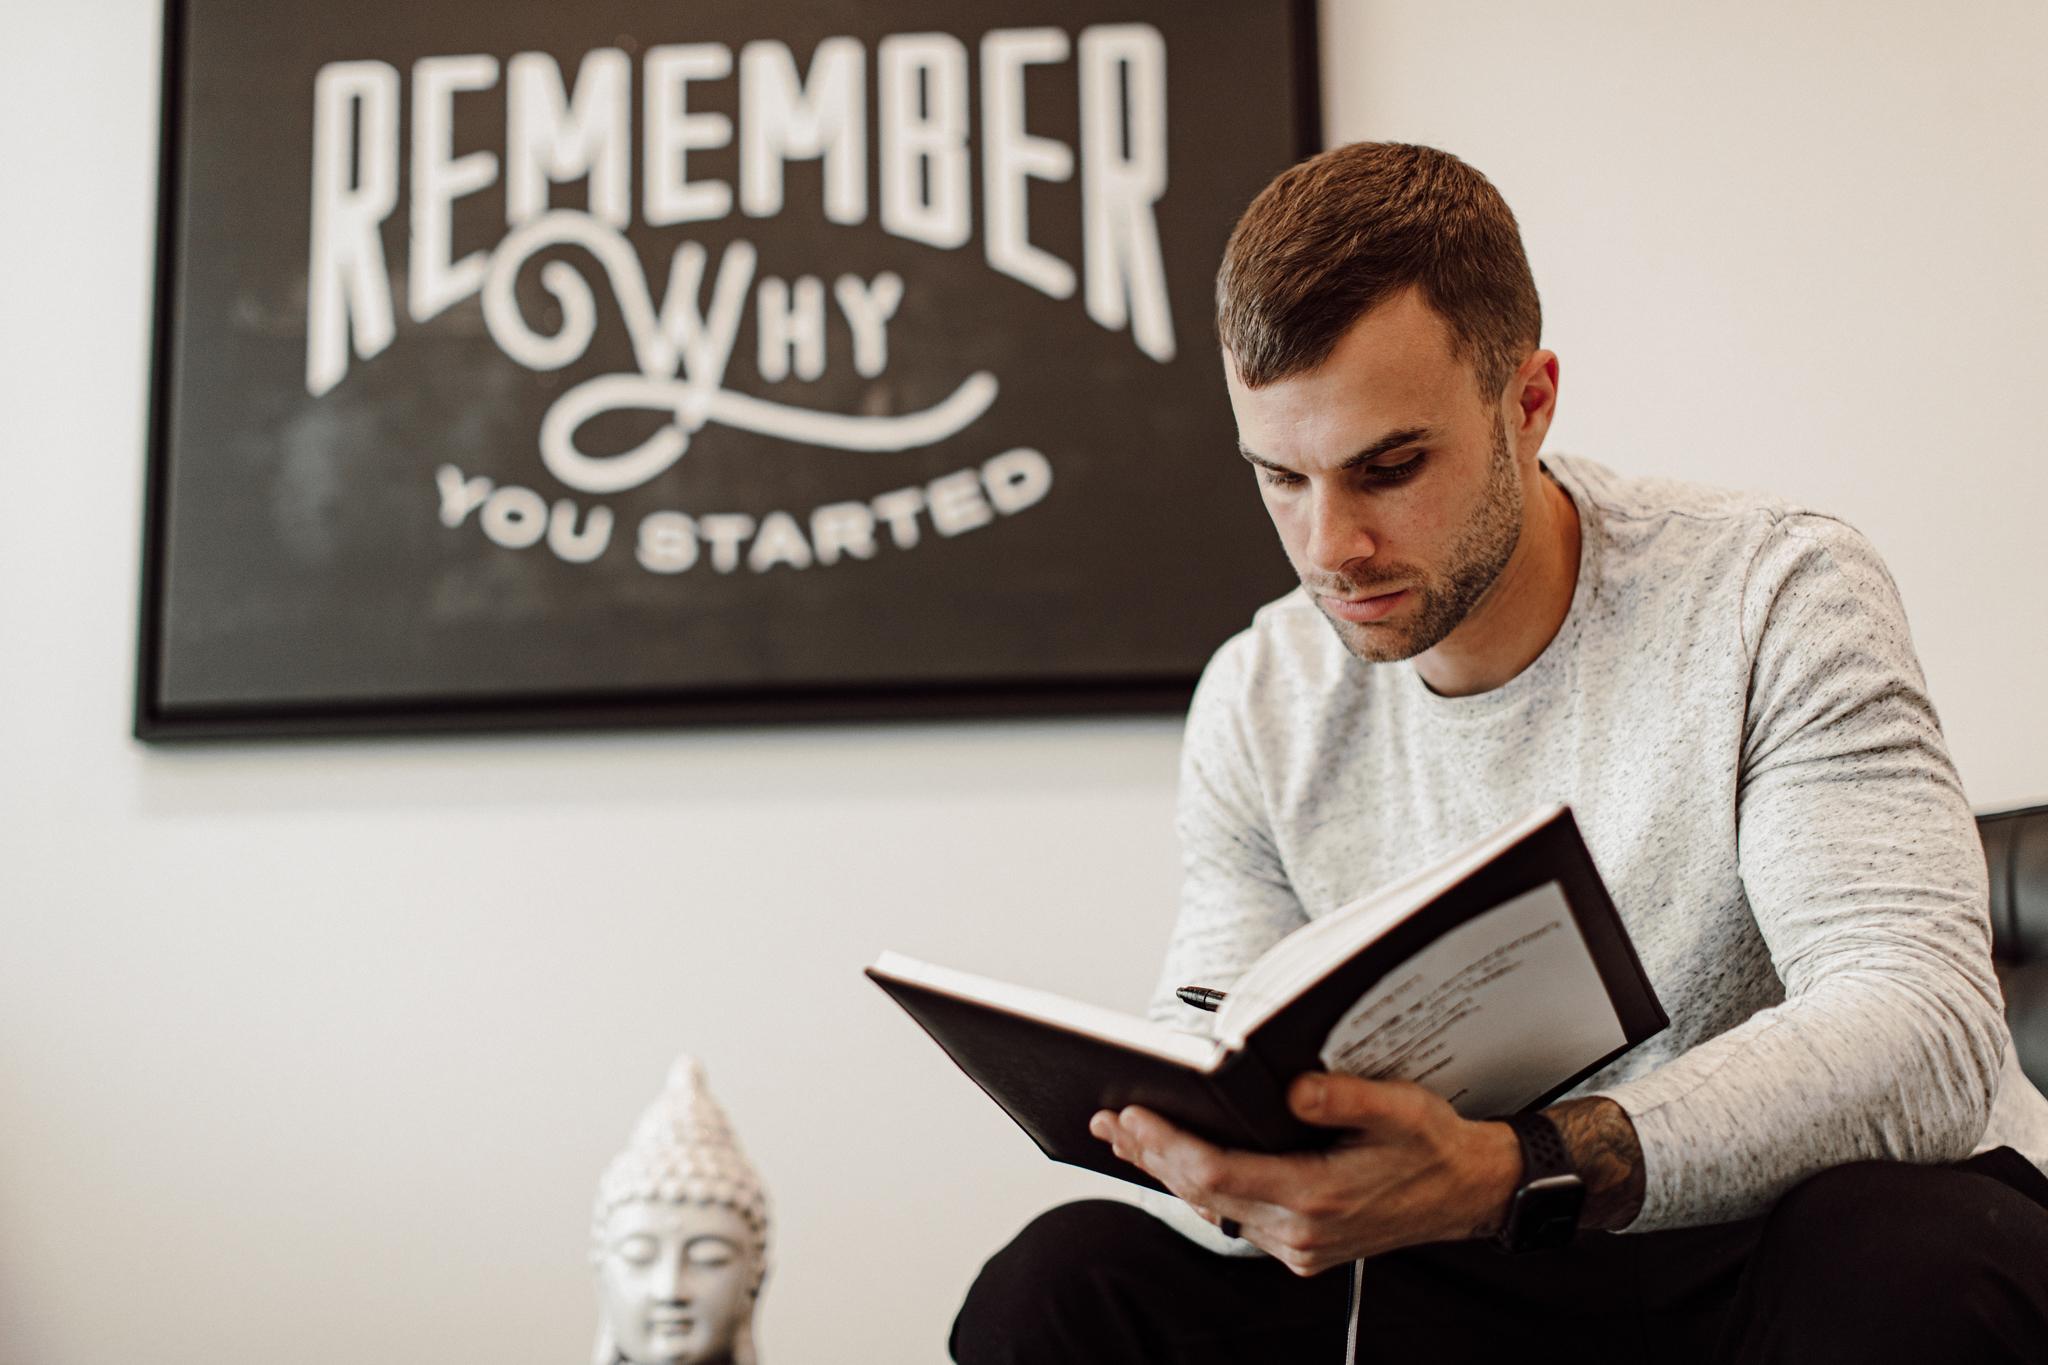 Cody journaling